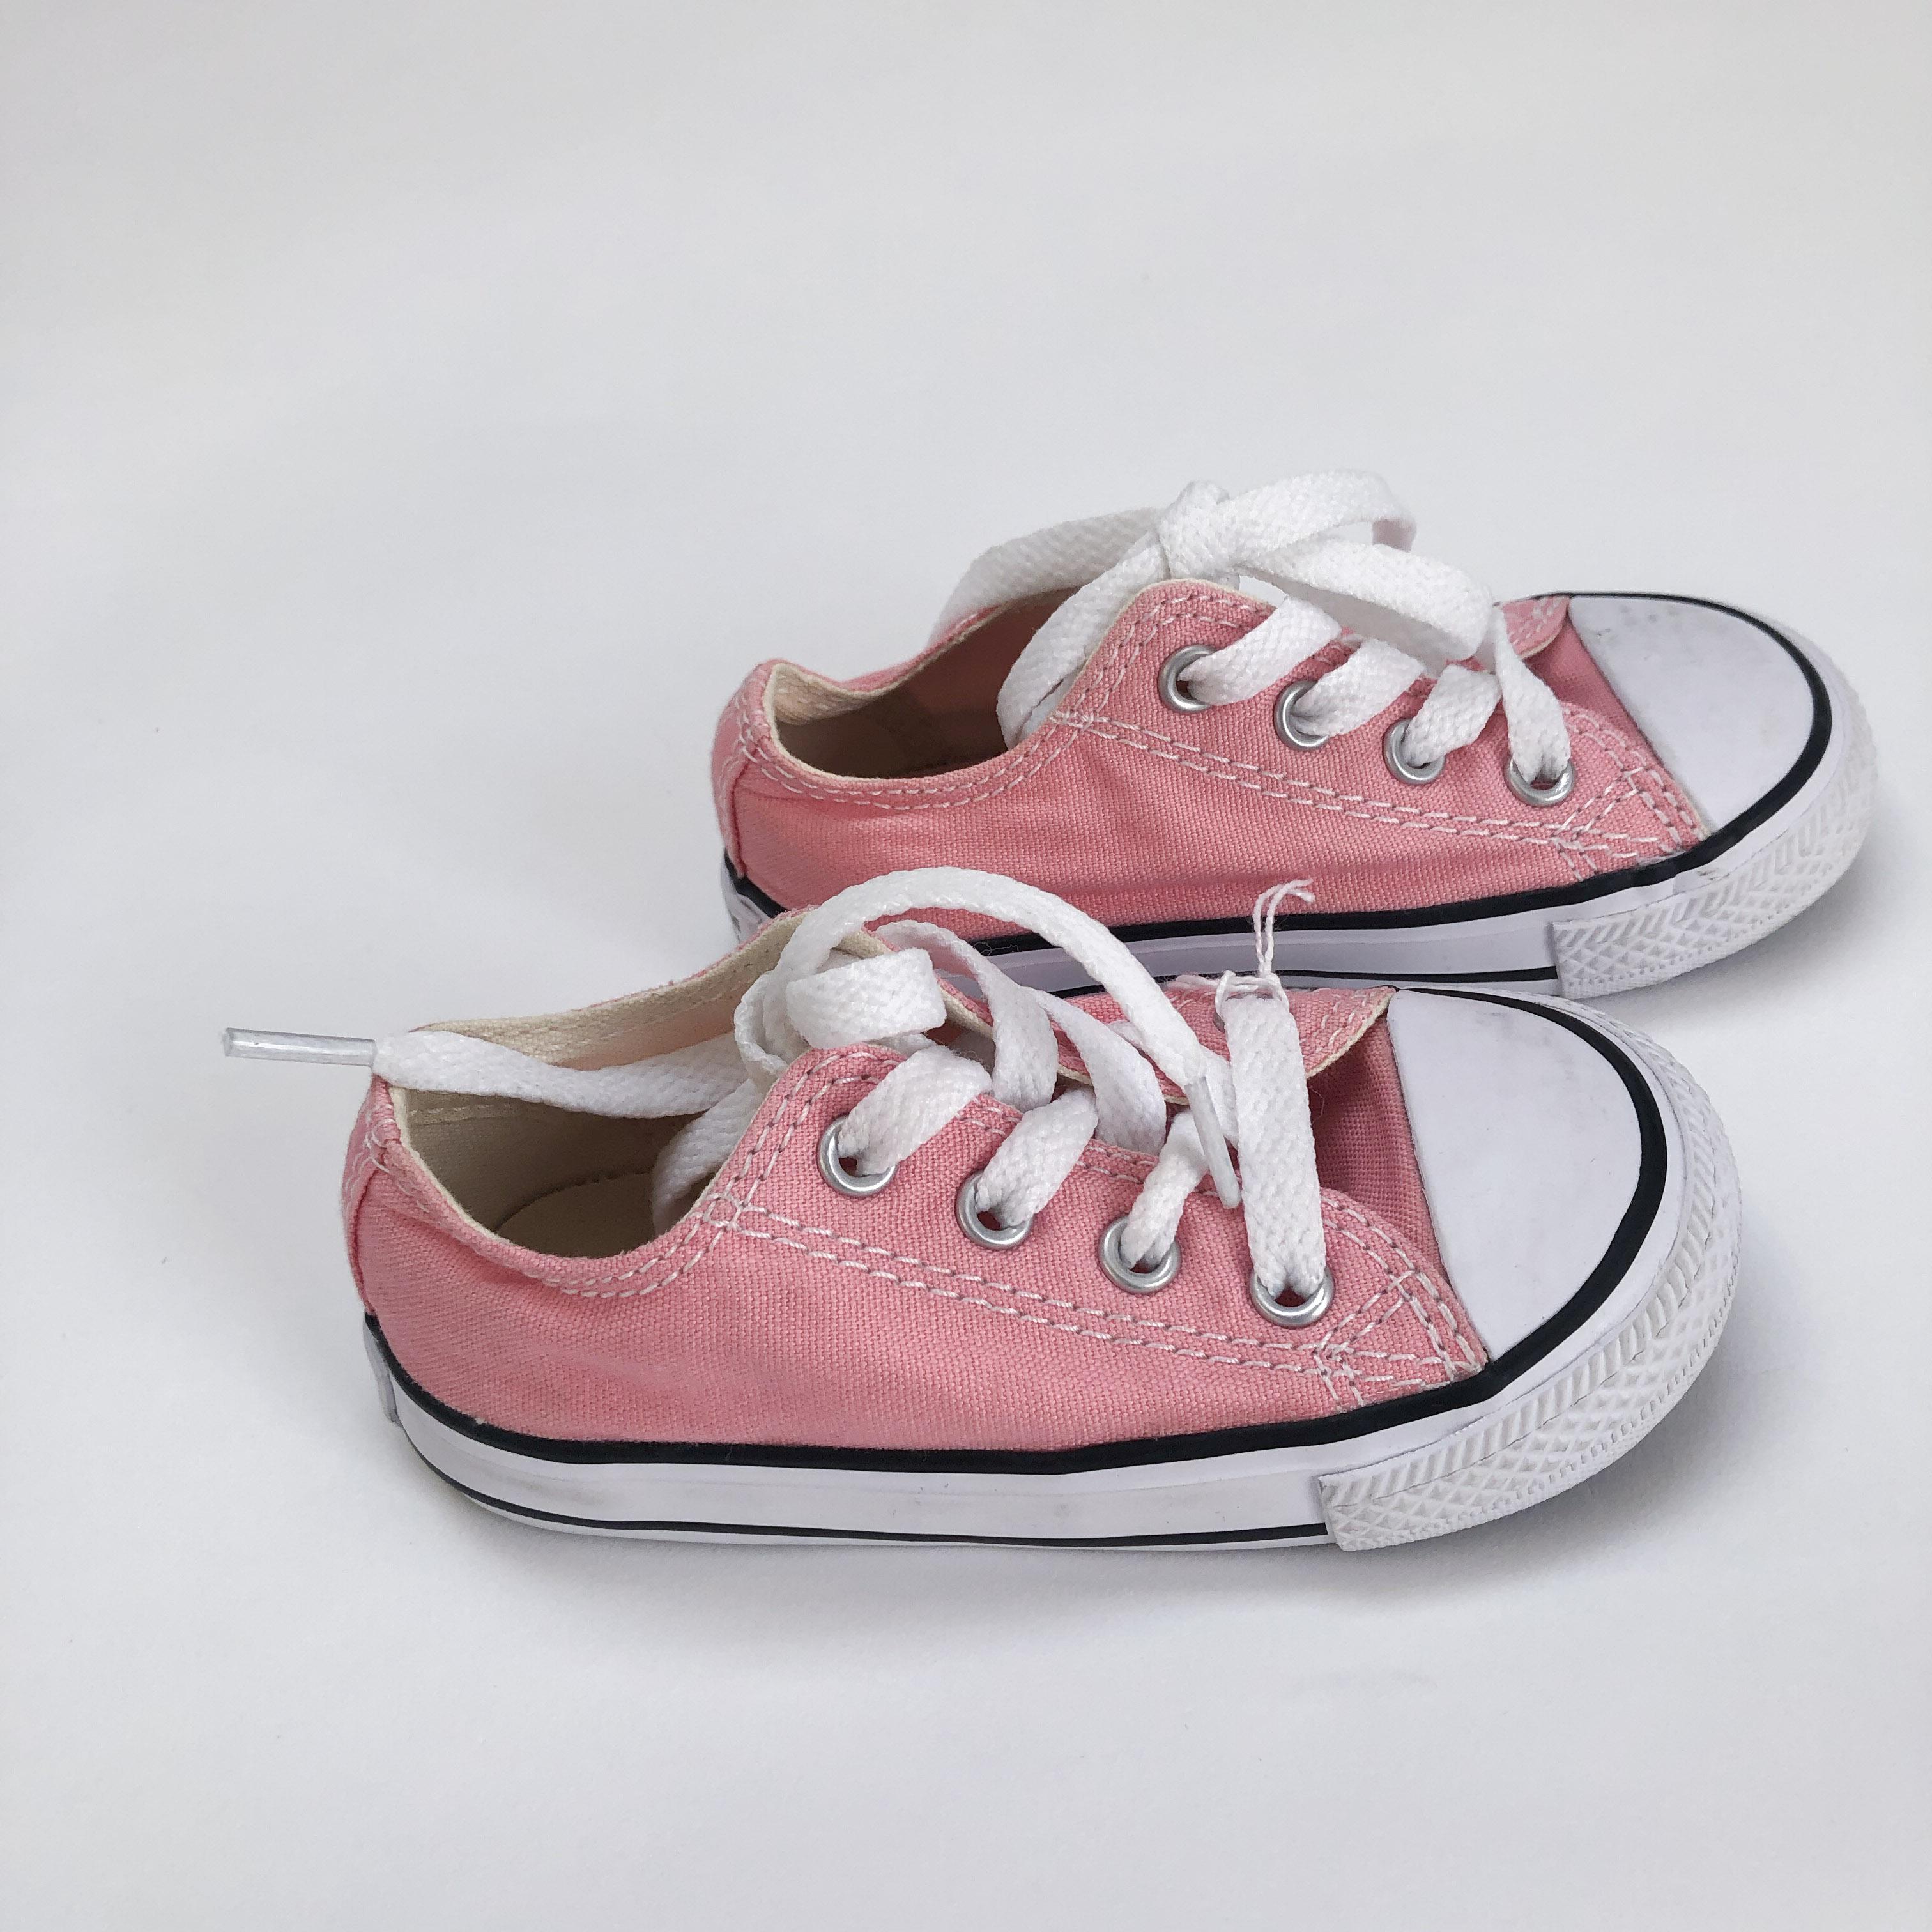 19a03e4b3c7 Allstars roze maat 22 – Funky-Monkey.be